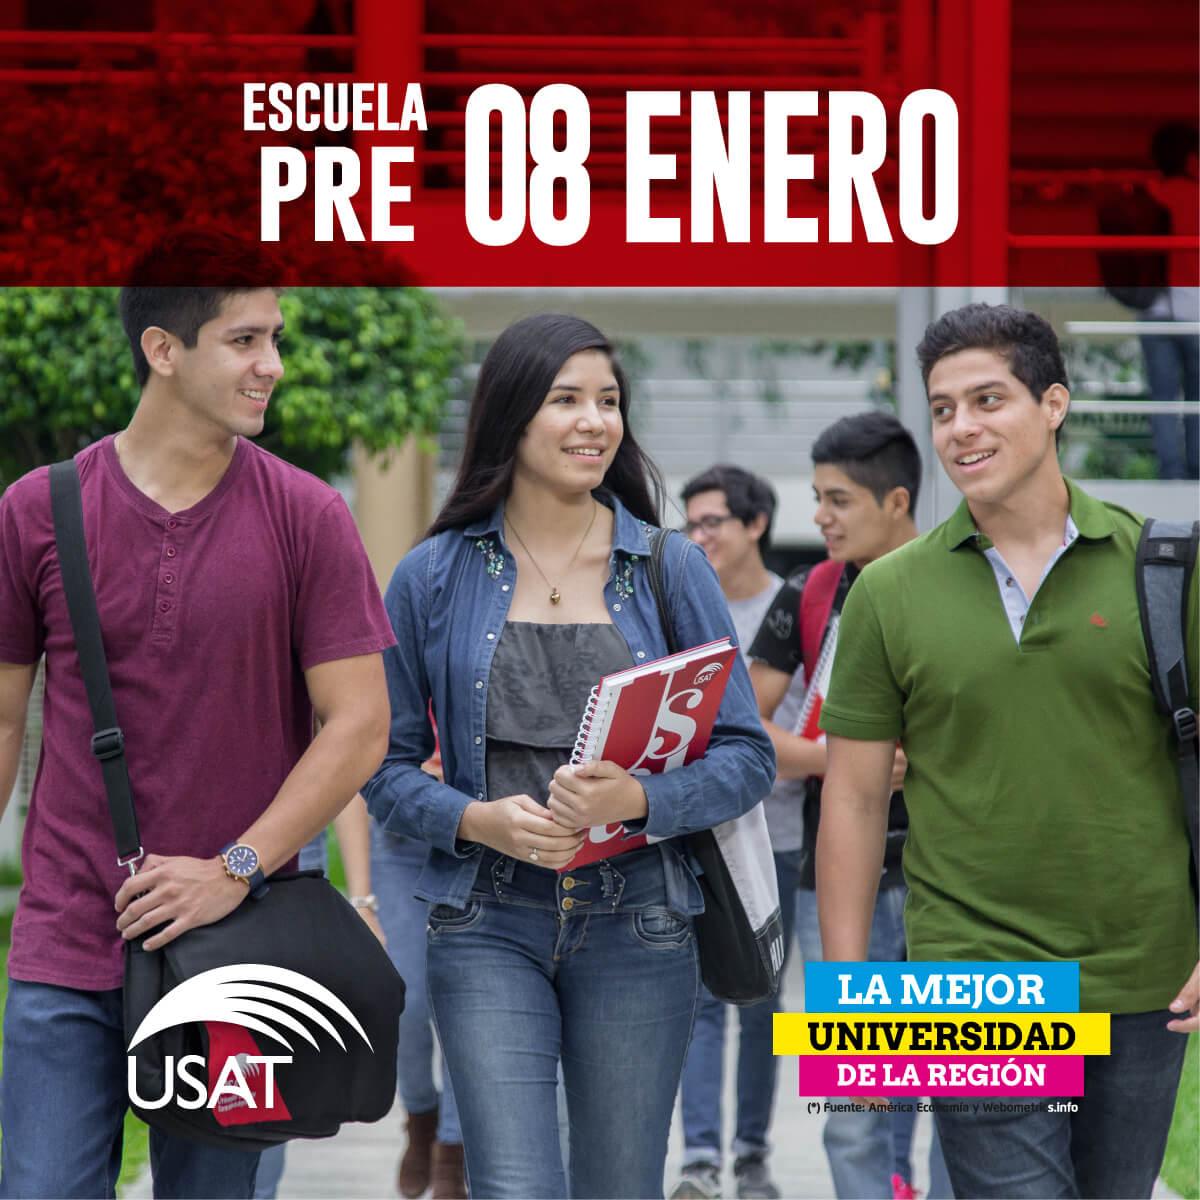 Escuela Pre